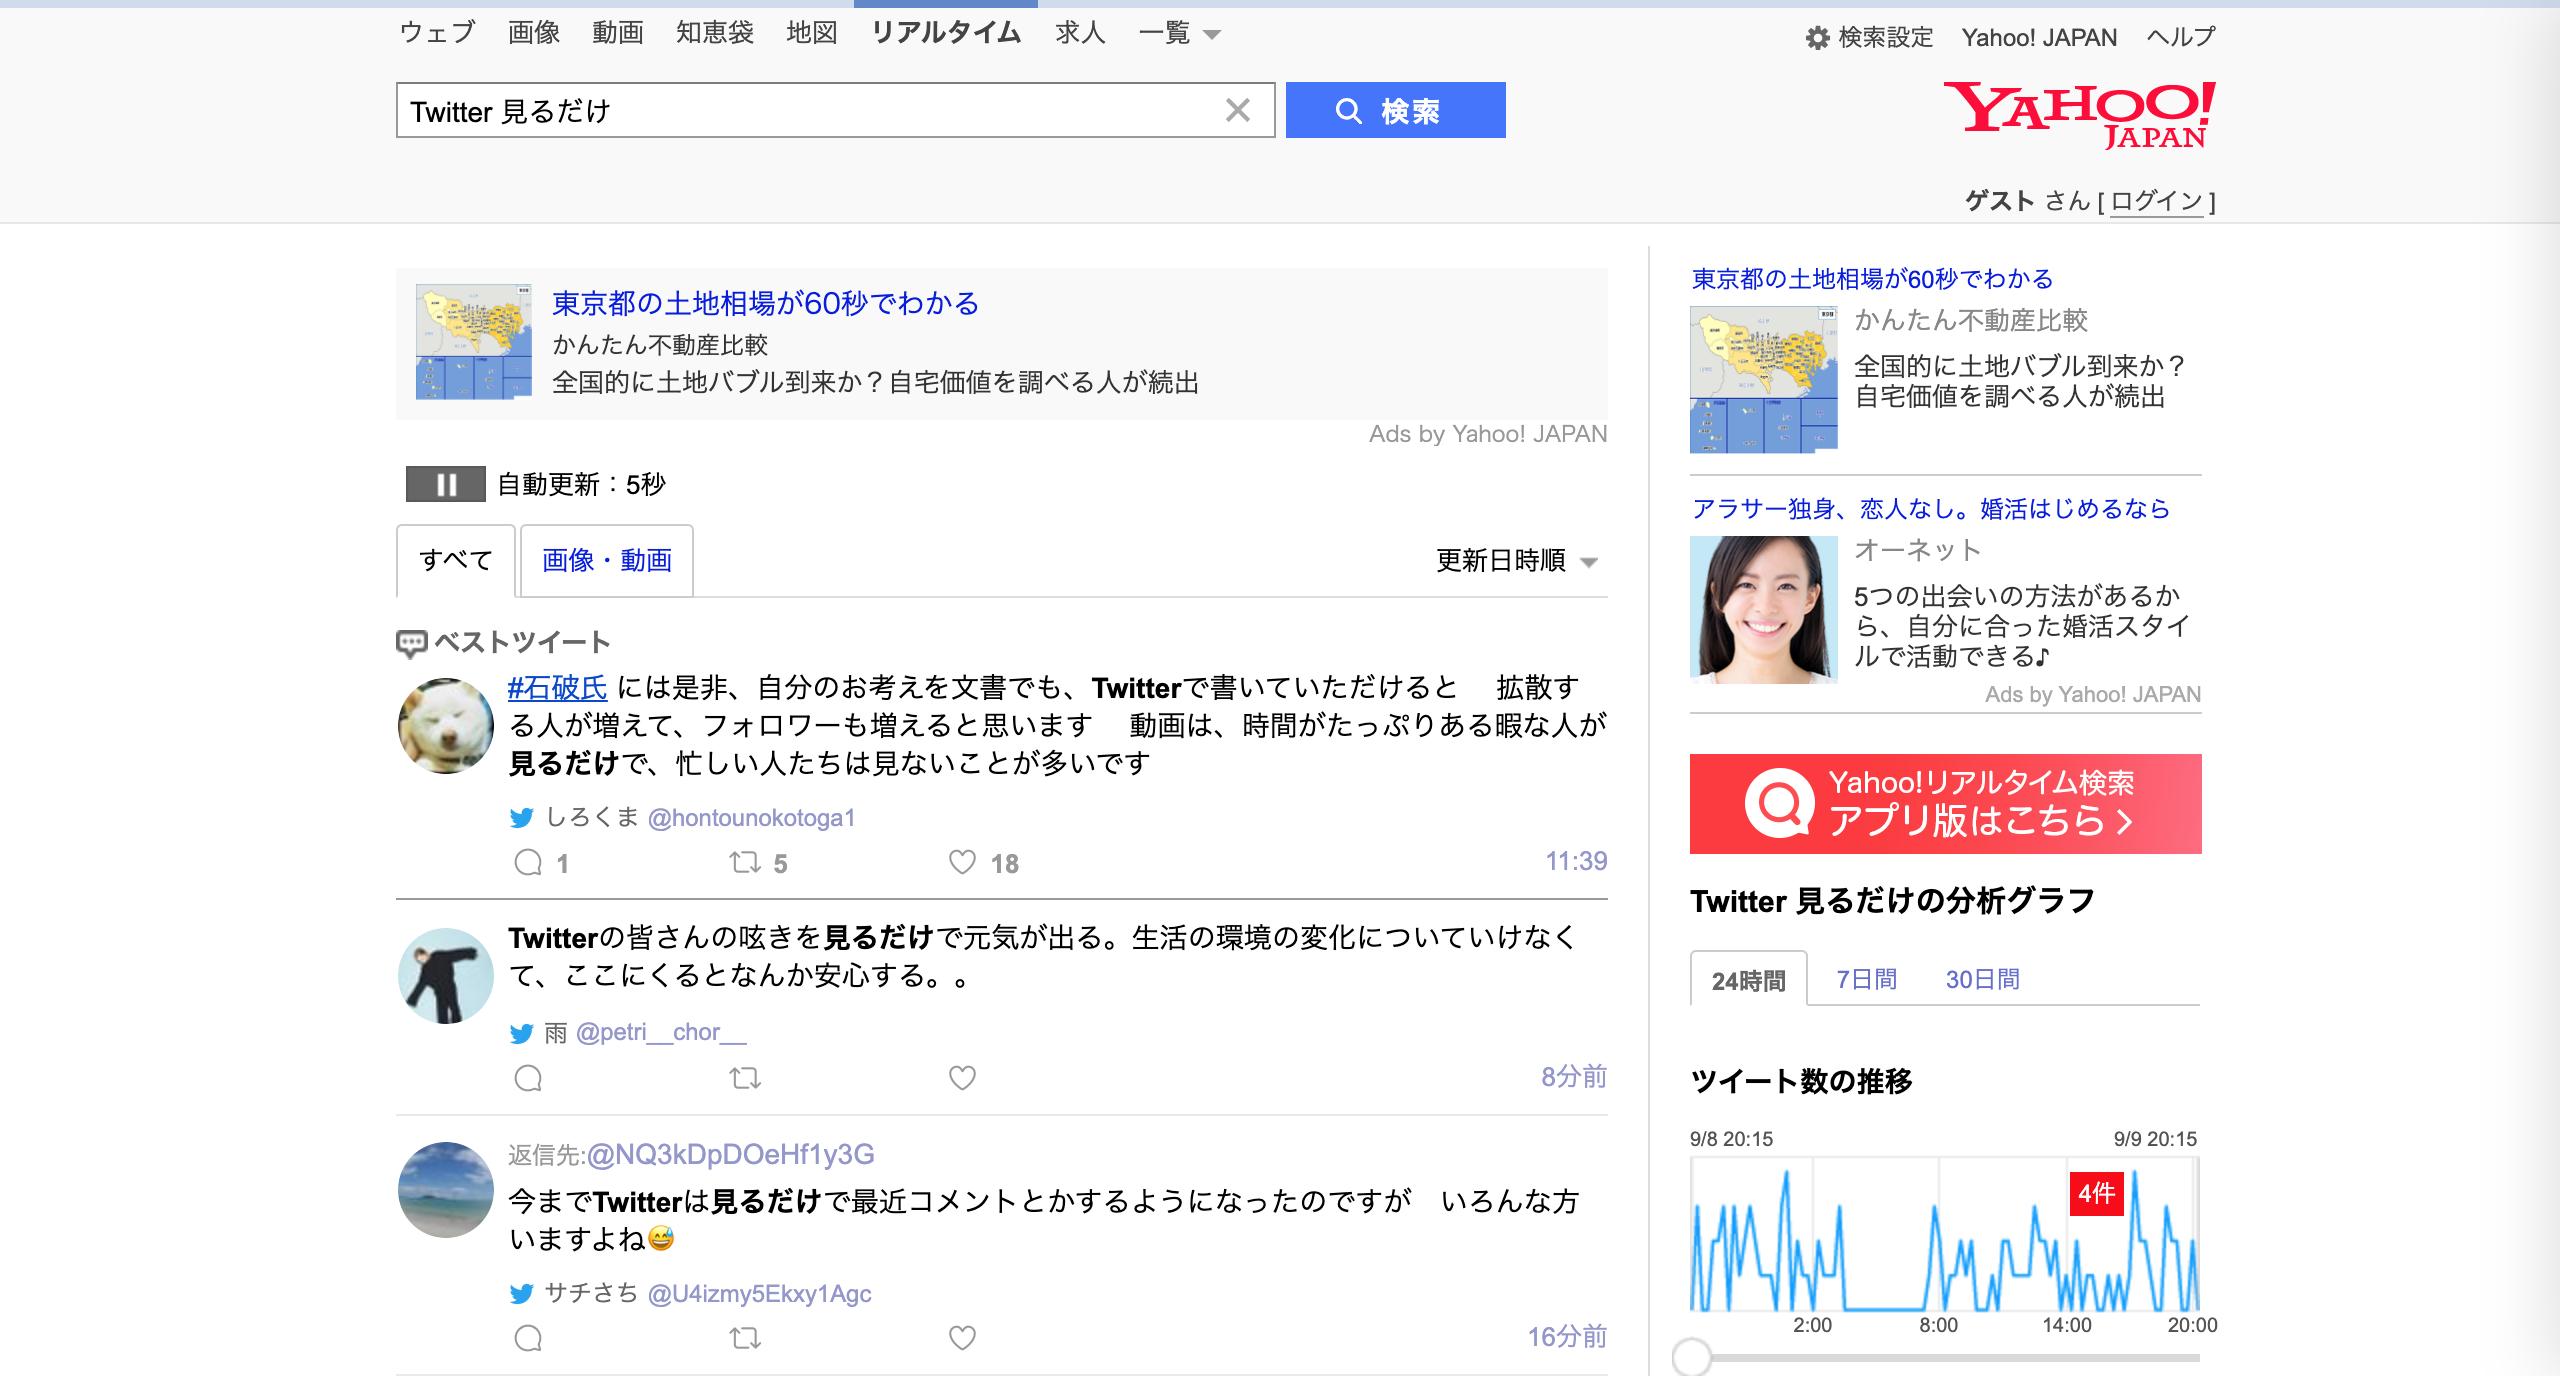 Yahoo!リアルタイム検索 Twitter 見るだけの検索結果